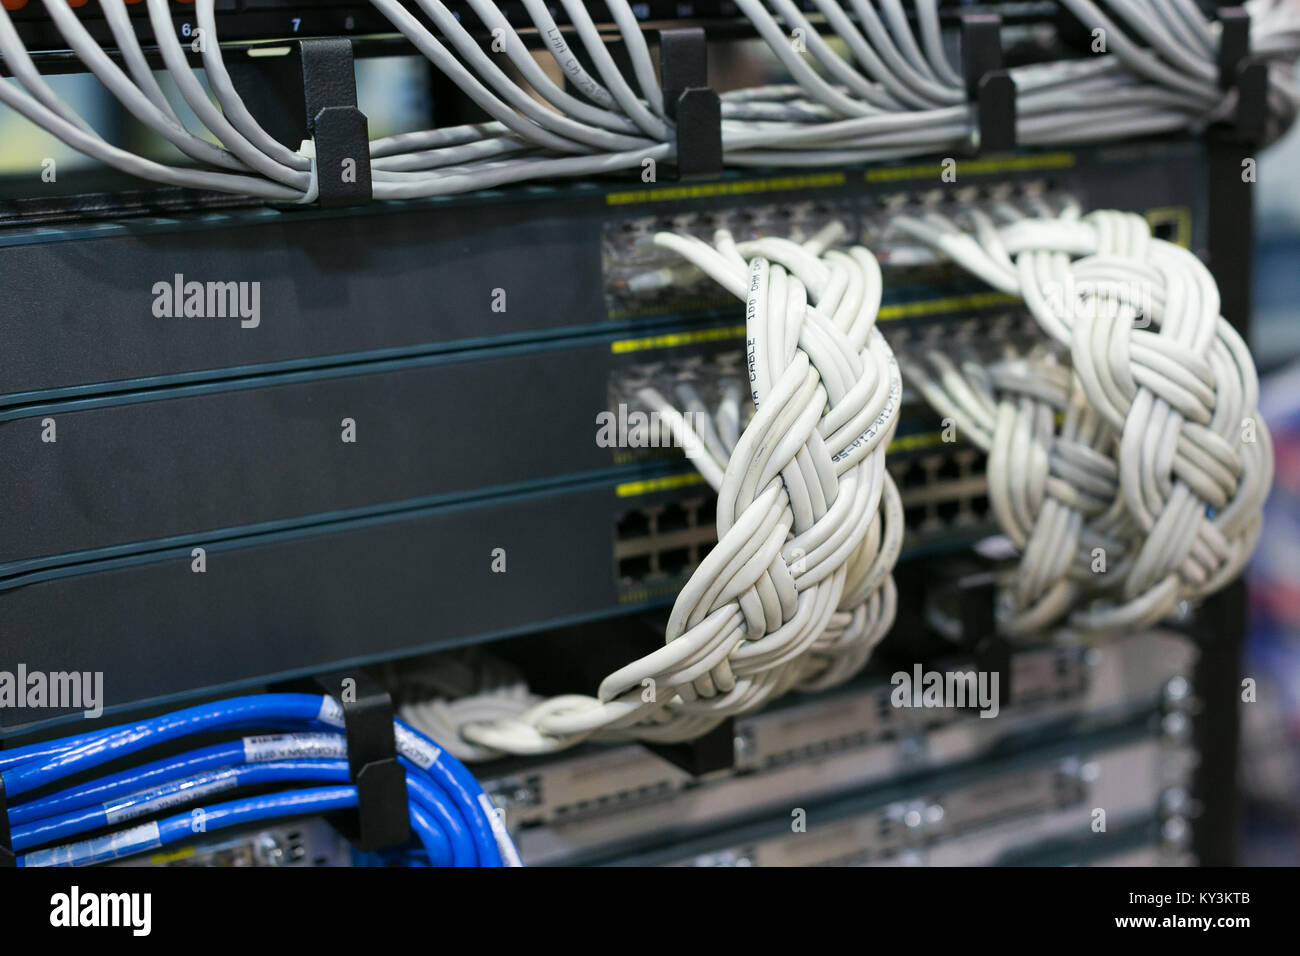 Tolle Draht Router Netzwerk Bilder - Die Besten Elektrischen ...